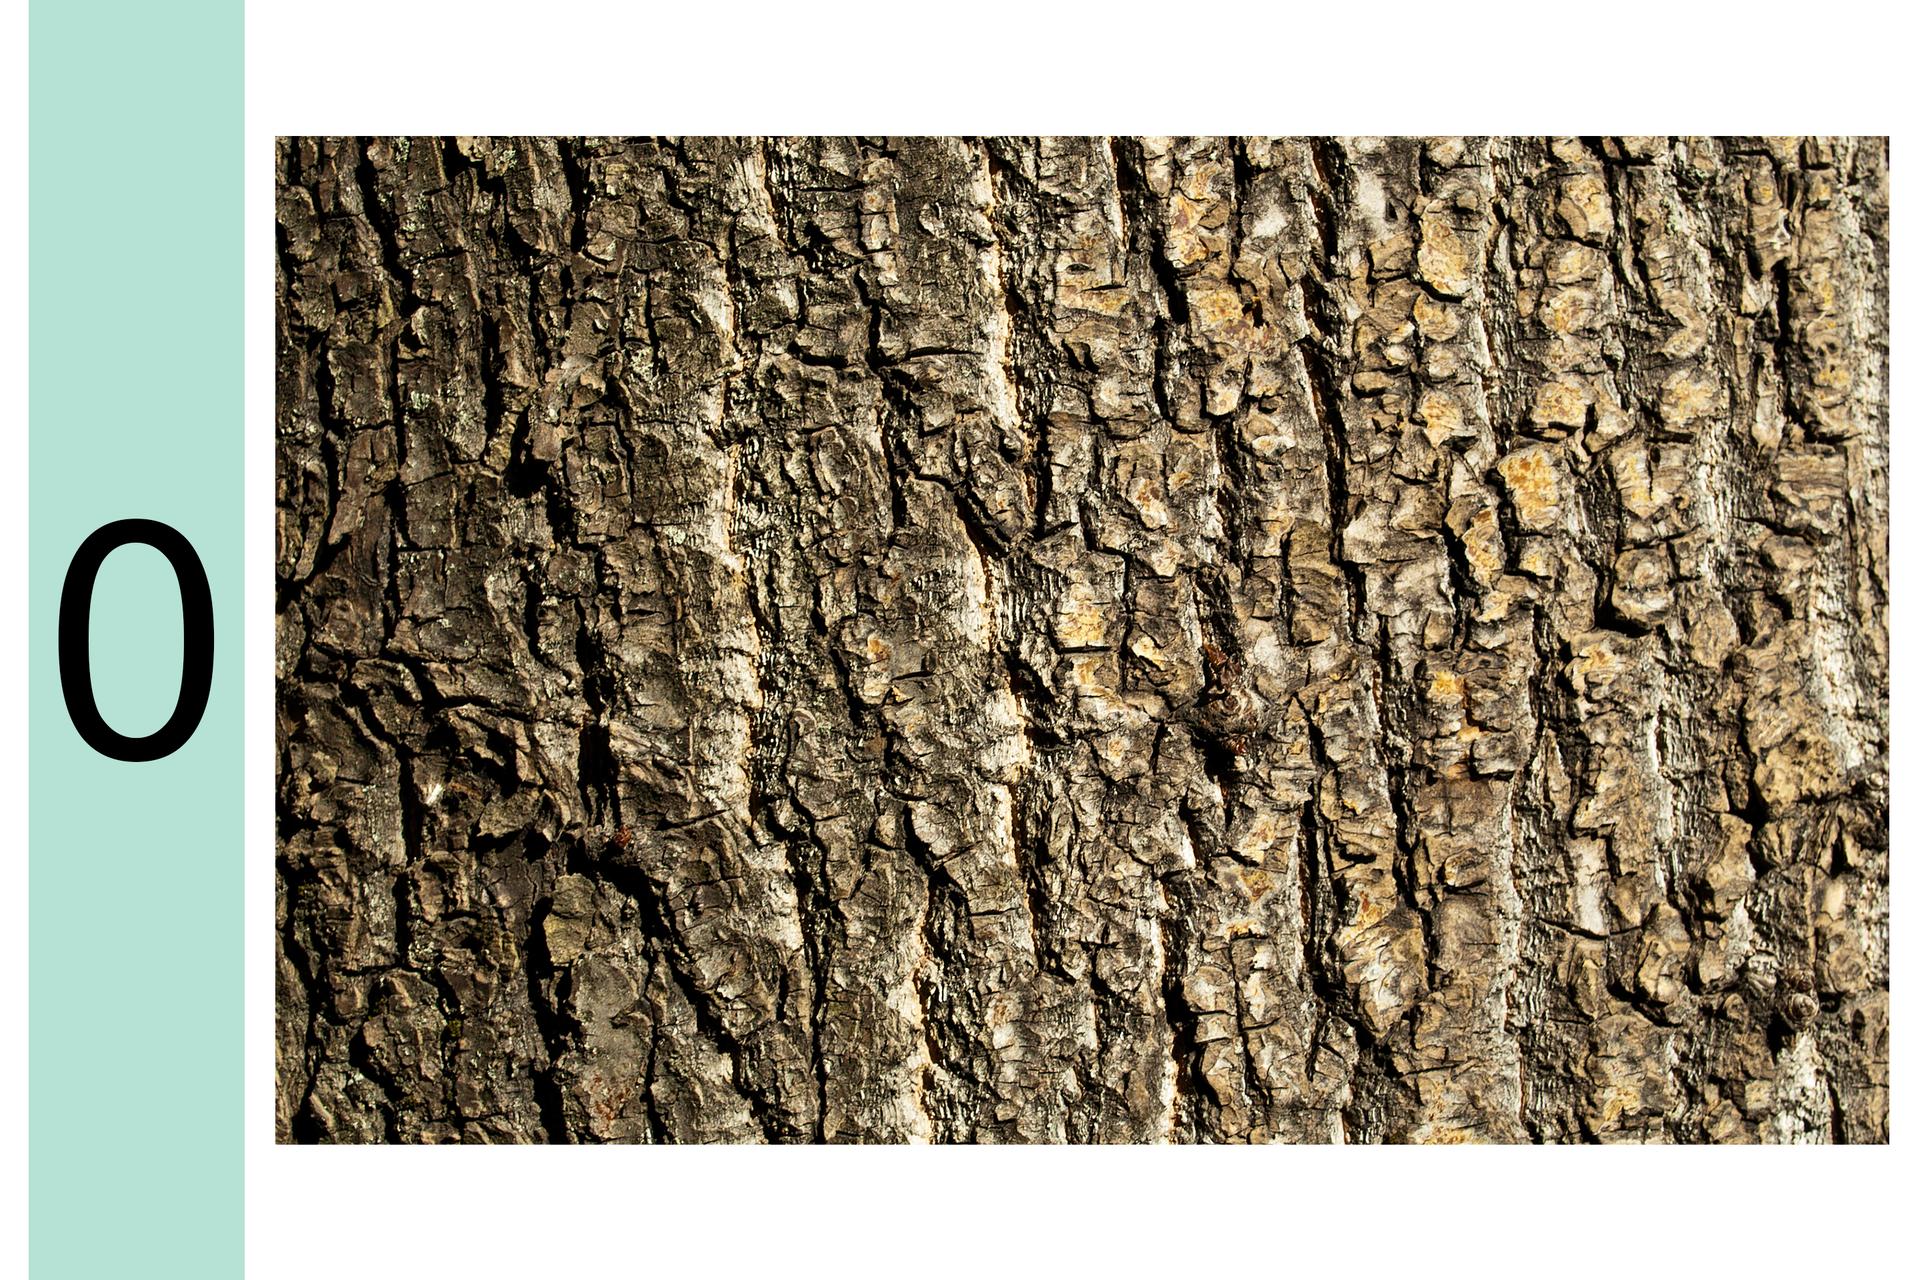 Fotografia przedstawia zbliżenie pnia drzewa. Zlewej cyfra 0. Na korze nie ma żadnych porostów ani glonów. Oznacza to, że powietrze jest szczególnie silnie zanieczyszczone.